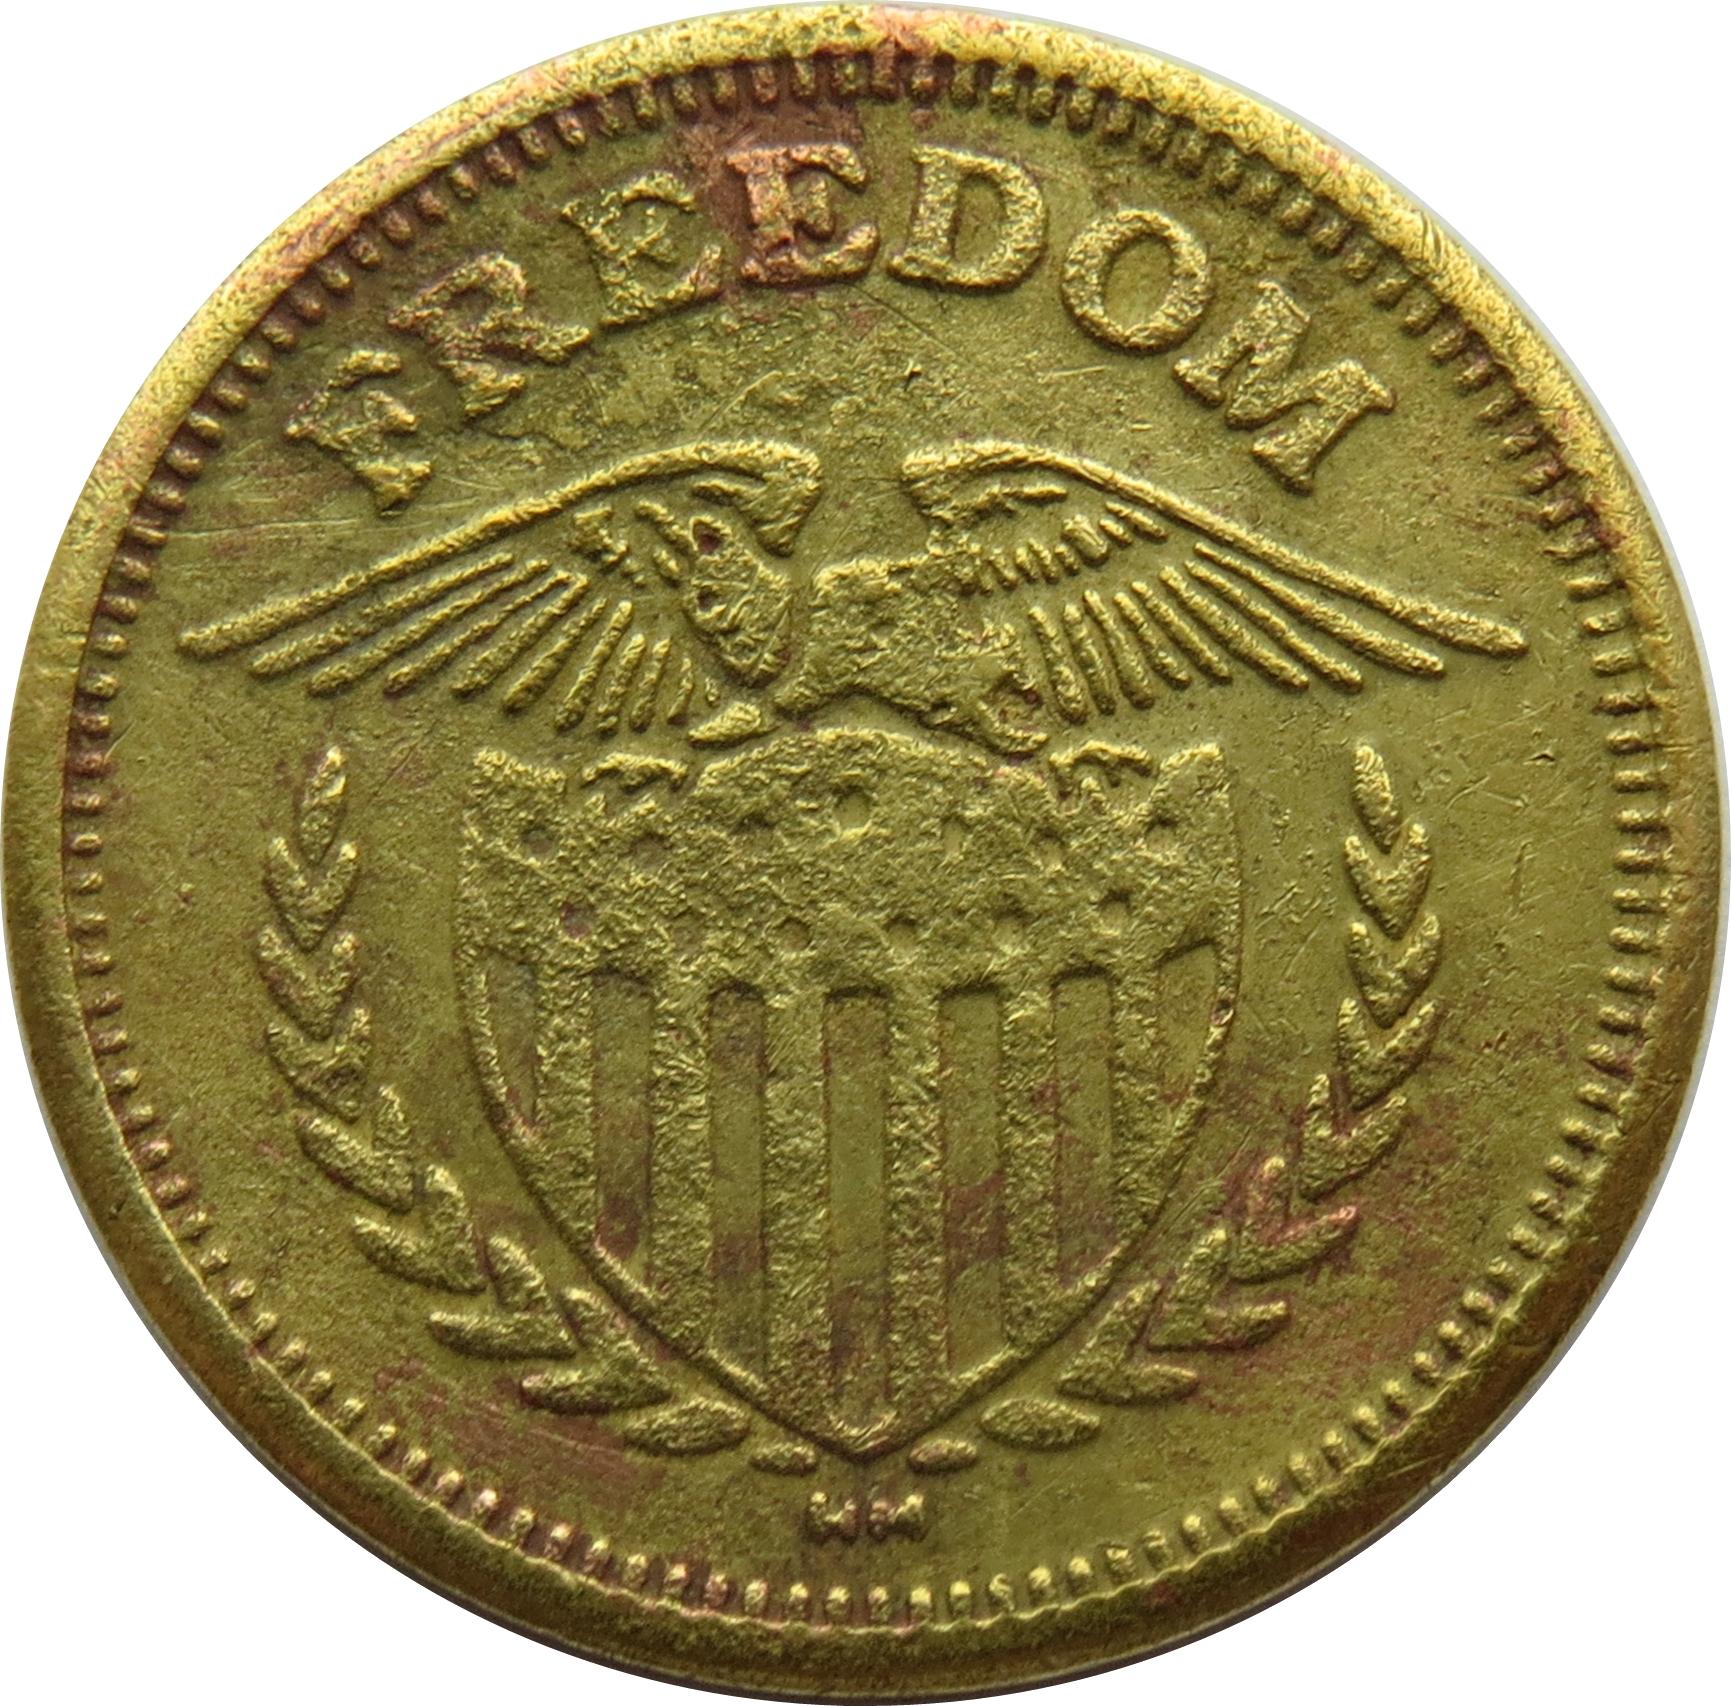 hh coin